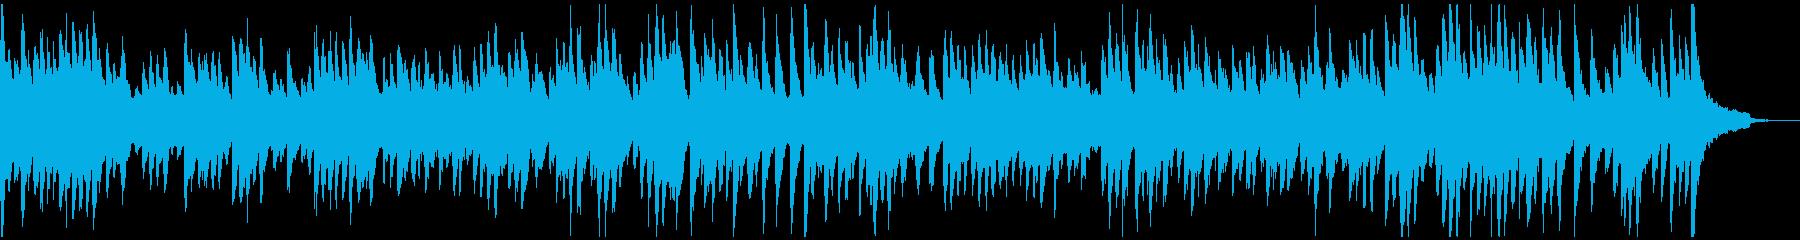 英国愛国歌「エルサレム」ピアノ伴奏の再生済みの波形